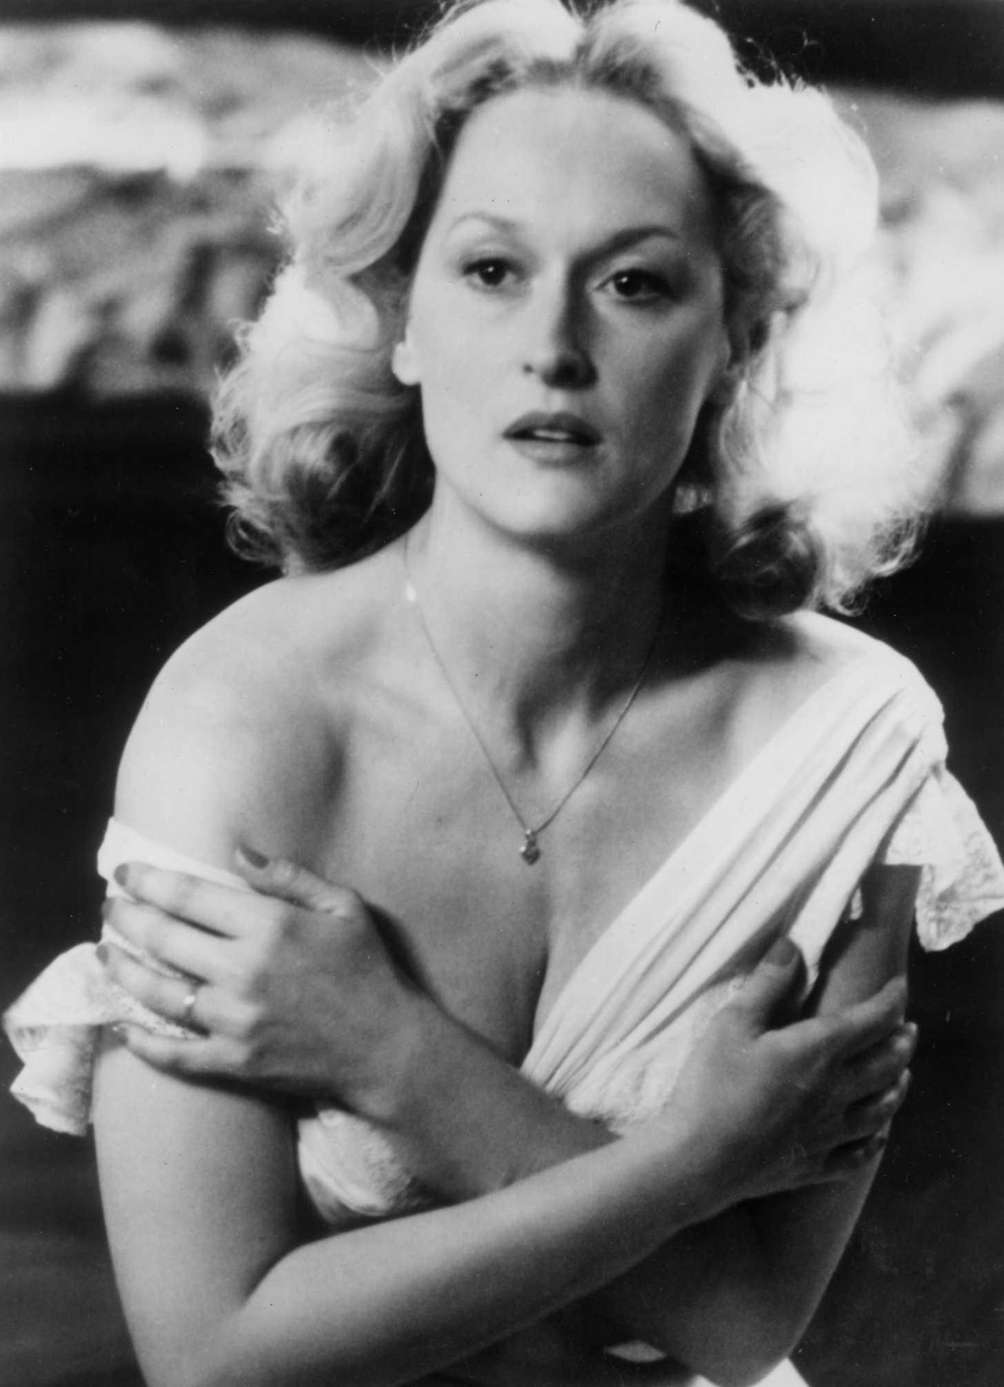 1982 - Meryl Streep - Sophie's Choice Meryl